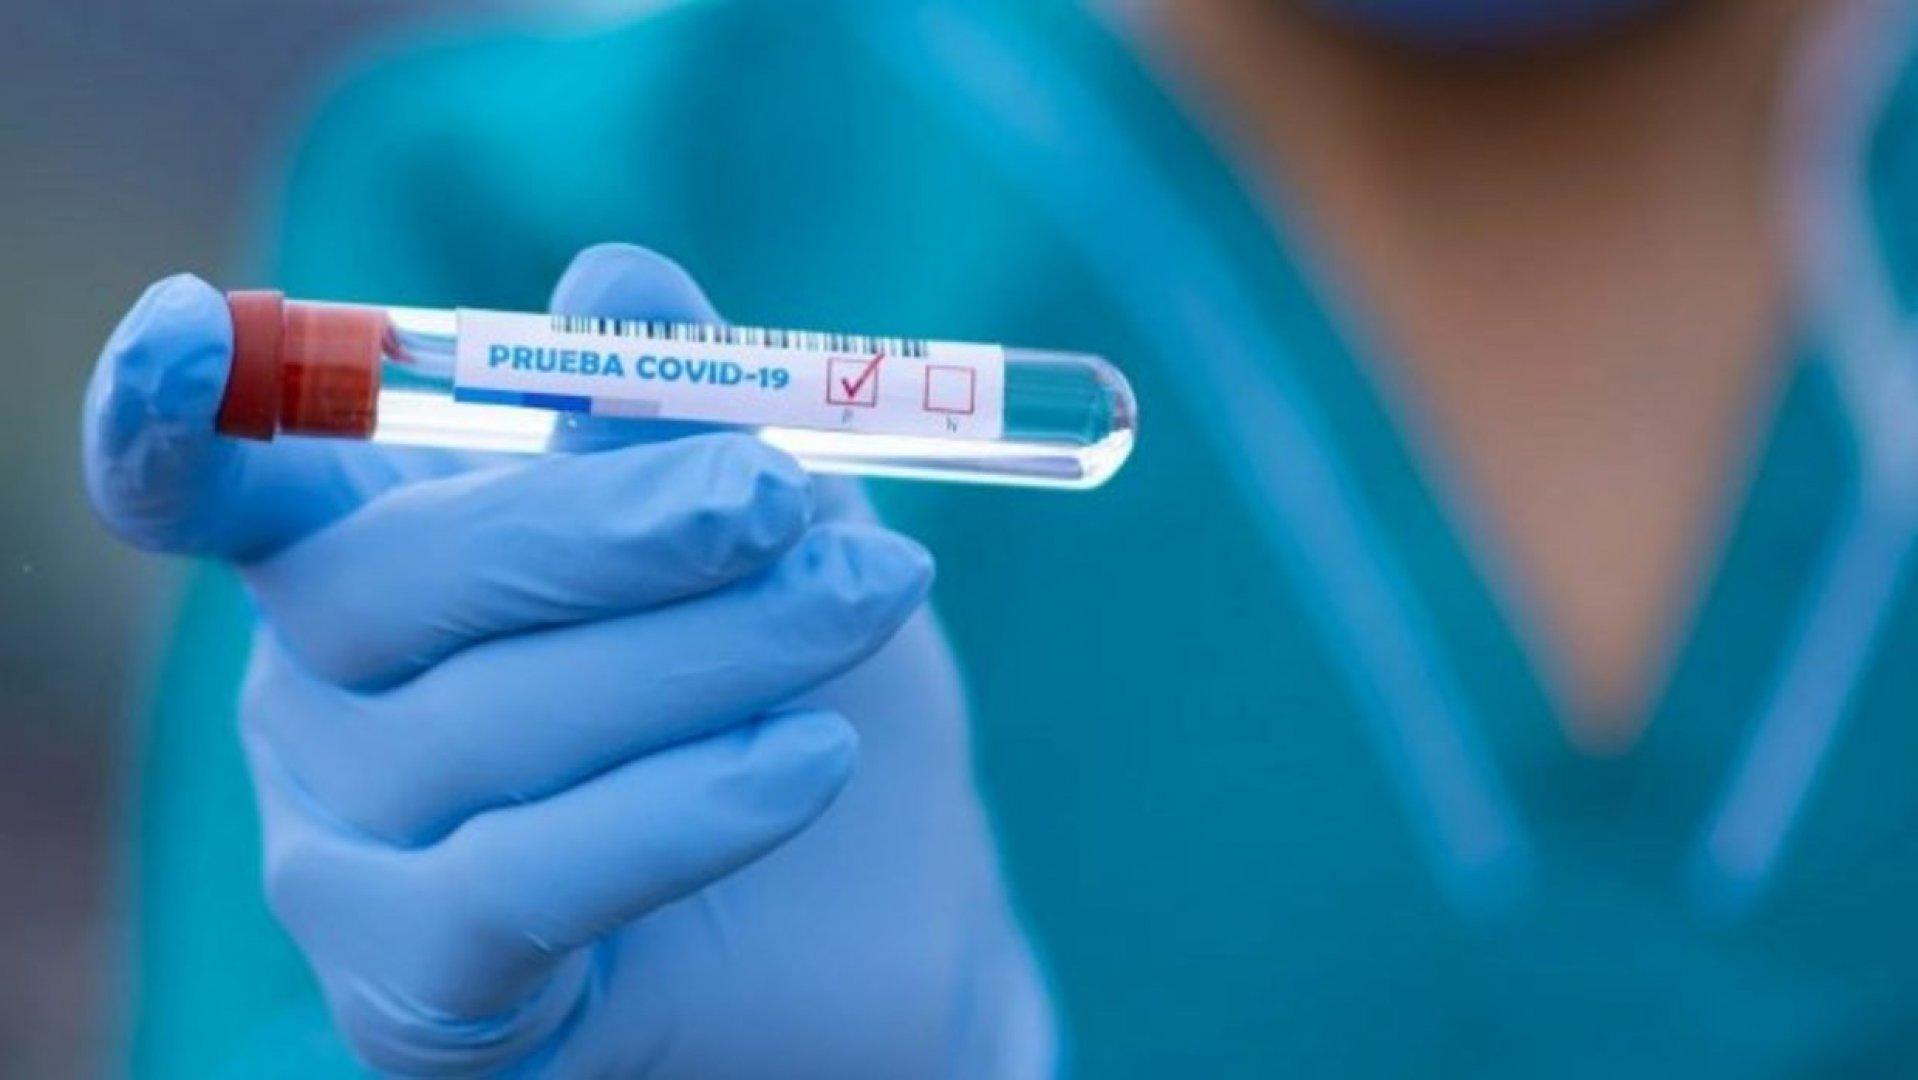 14 469 души в Бургас и региона са с положителни проби на корона вирус от началото на пандемията до днес. Снимката е илюстративна